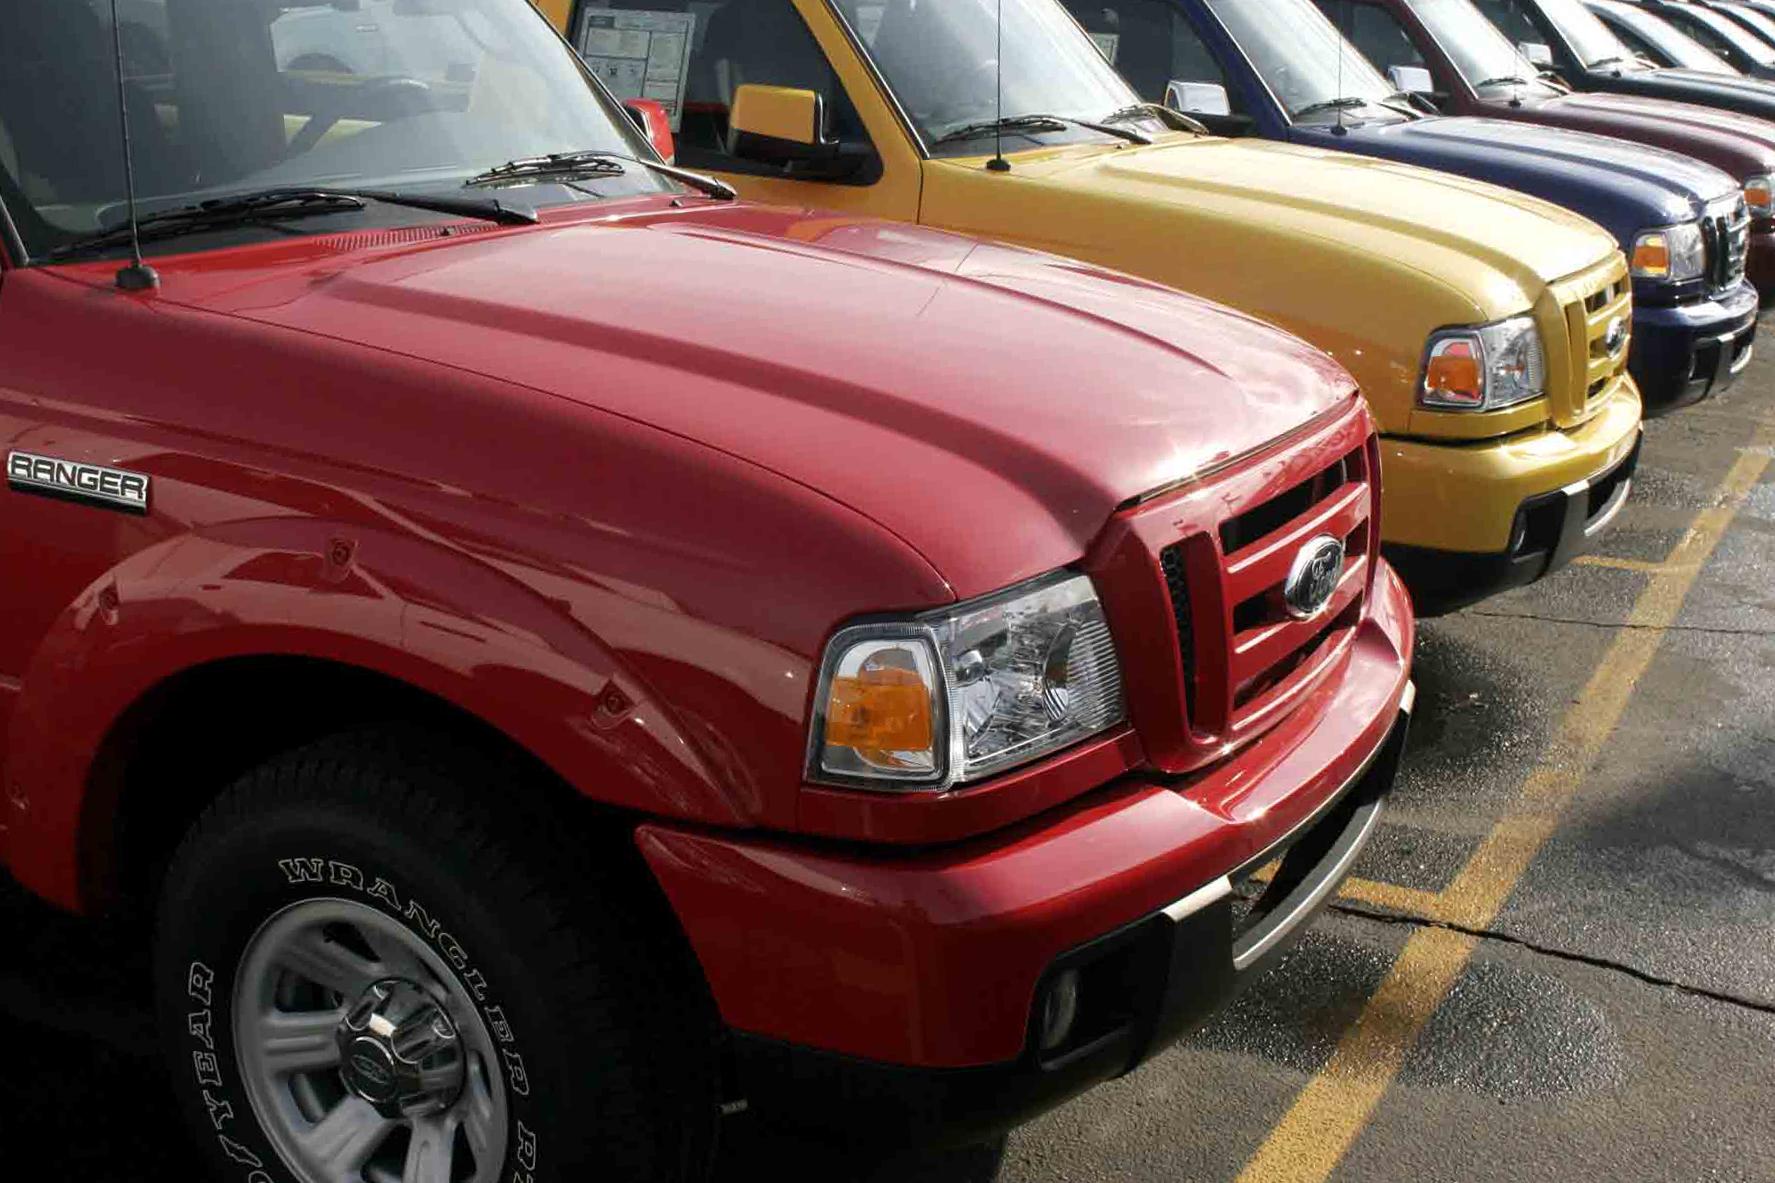 Ford Ranger pickup trucks